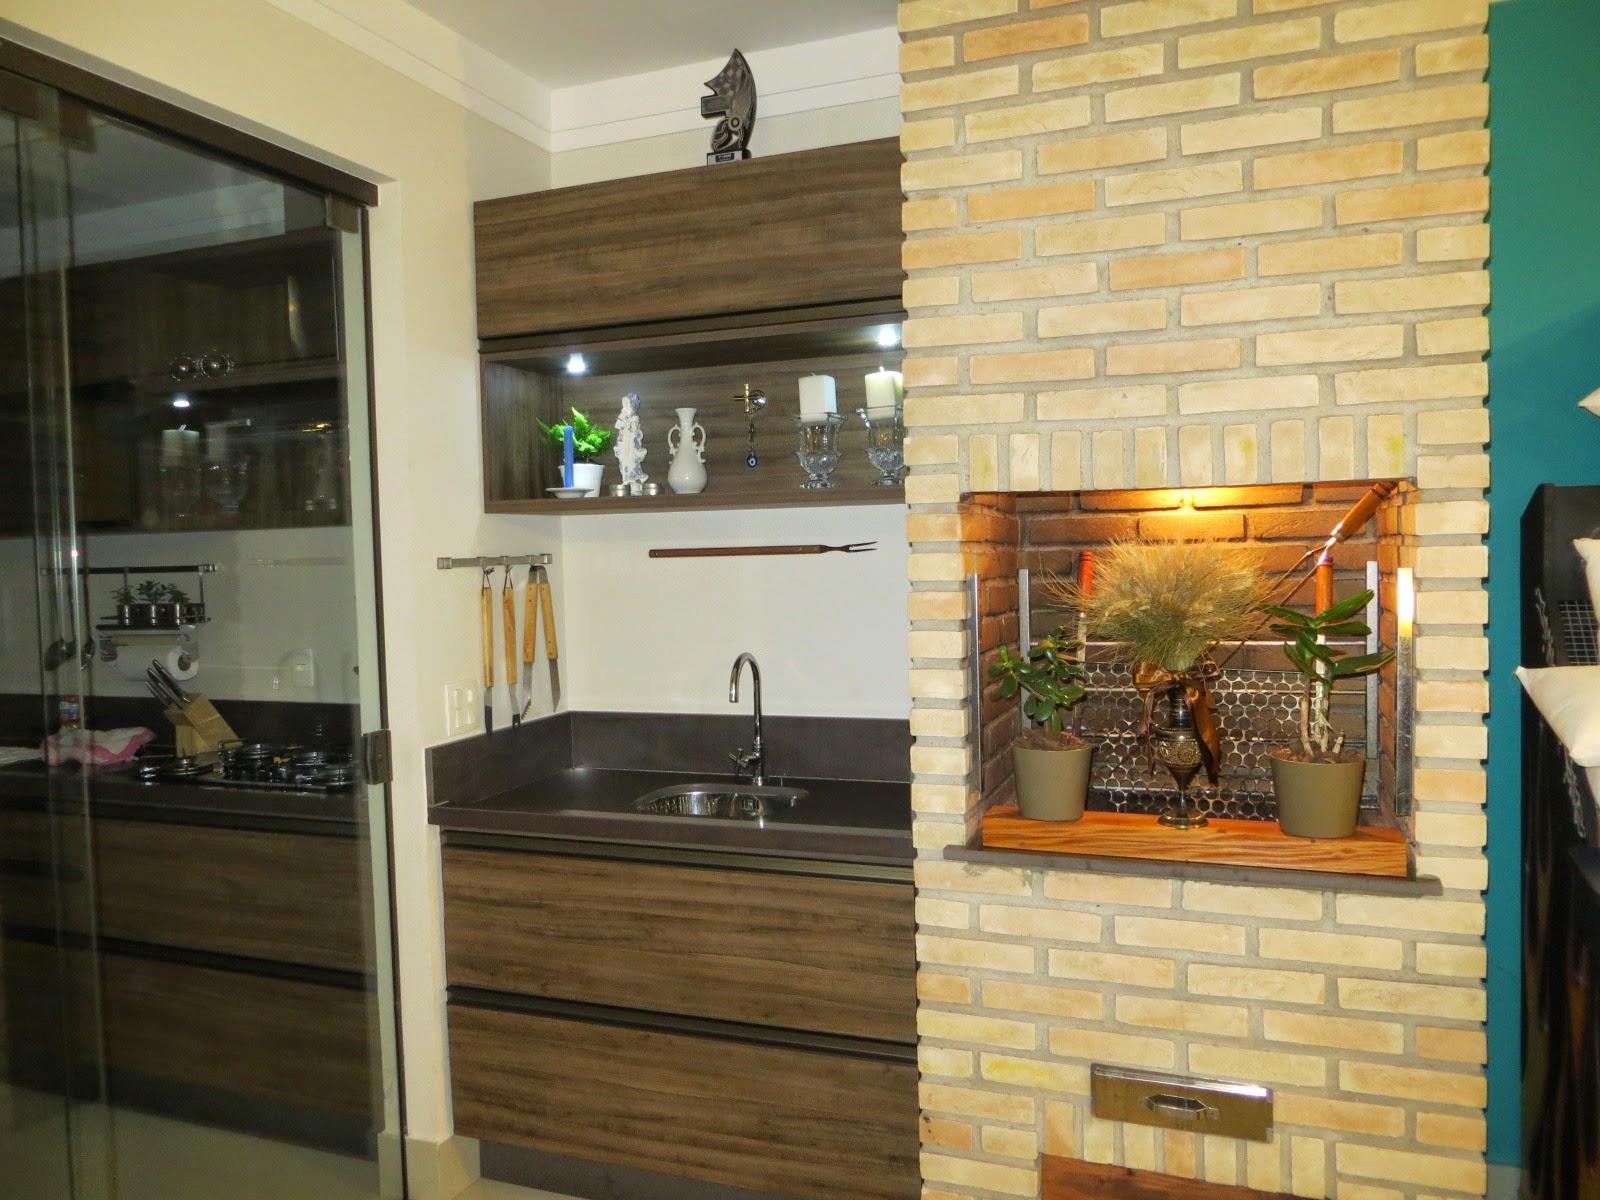 Mesas de Bilhar: Cozinha e área de churrasqueira integradas  #A36928 1600 1200